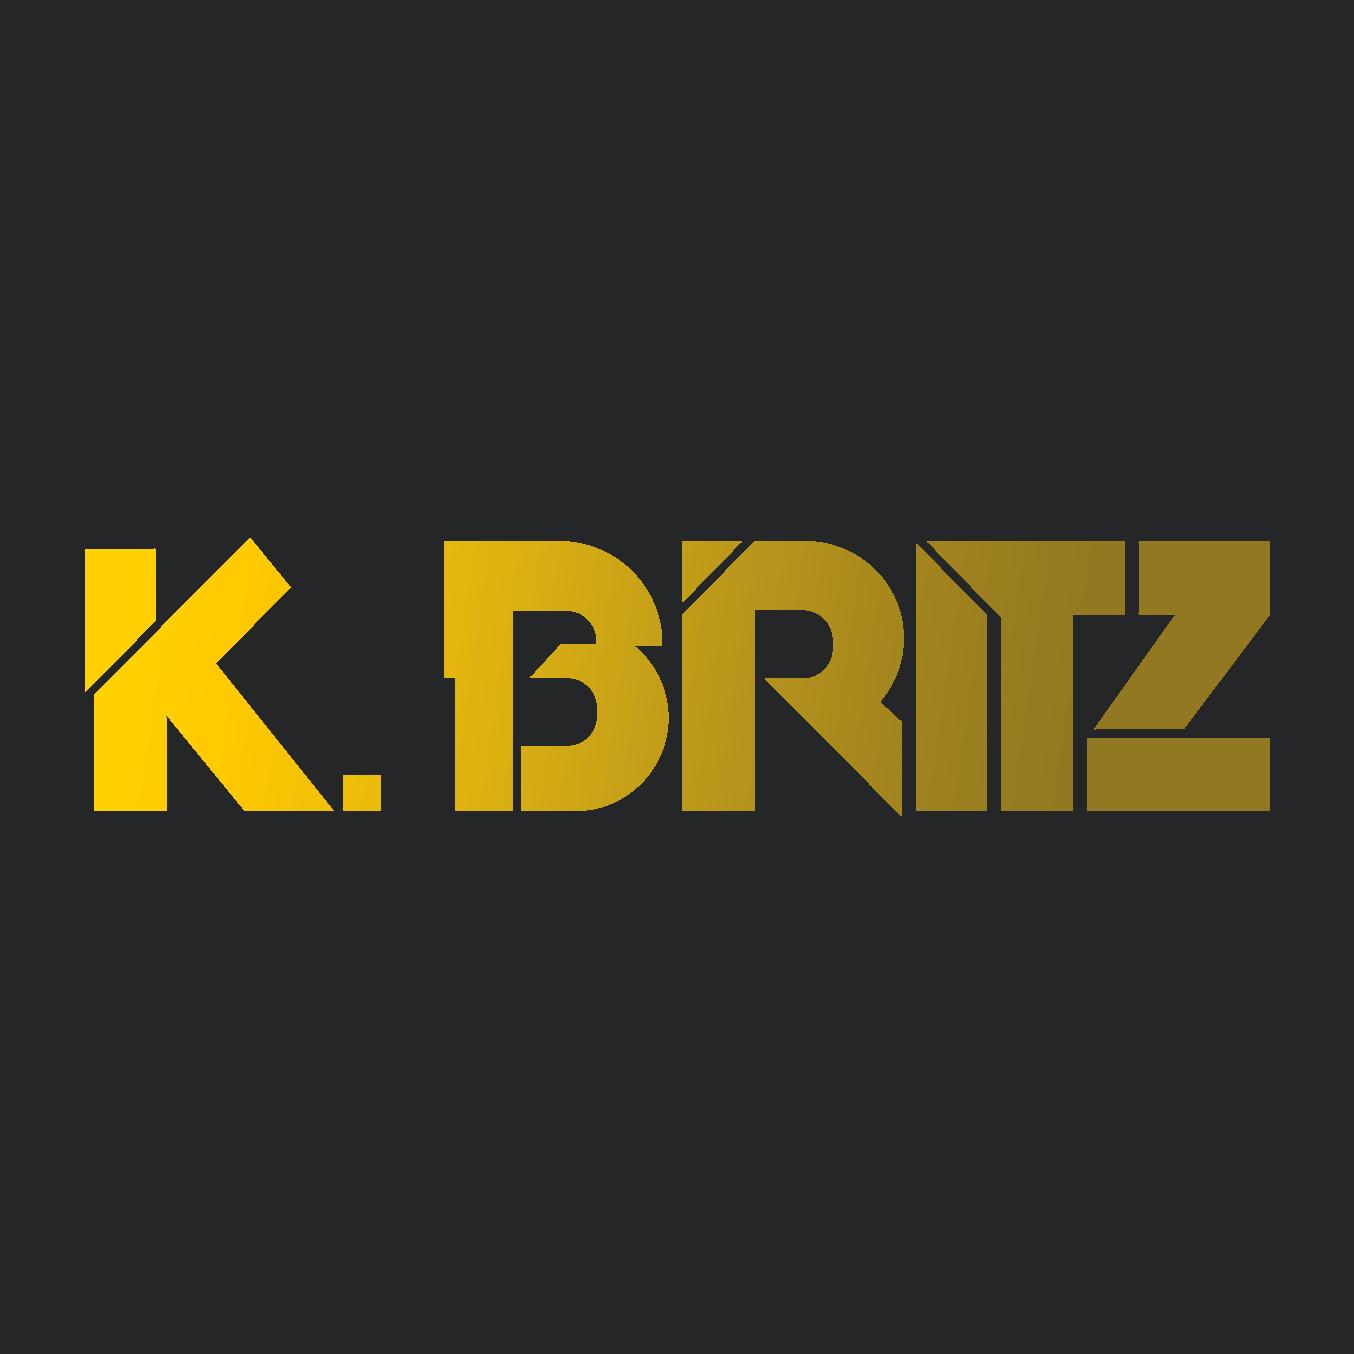 K-BRITZ